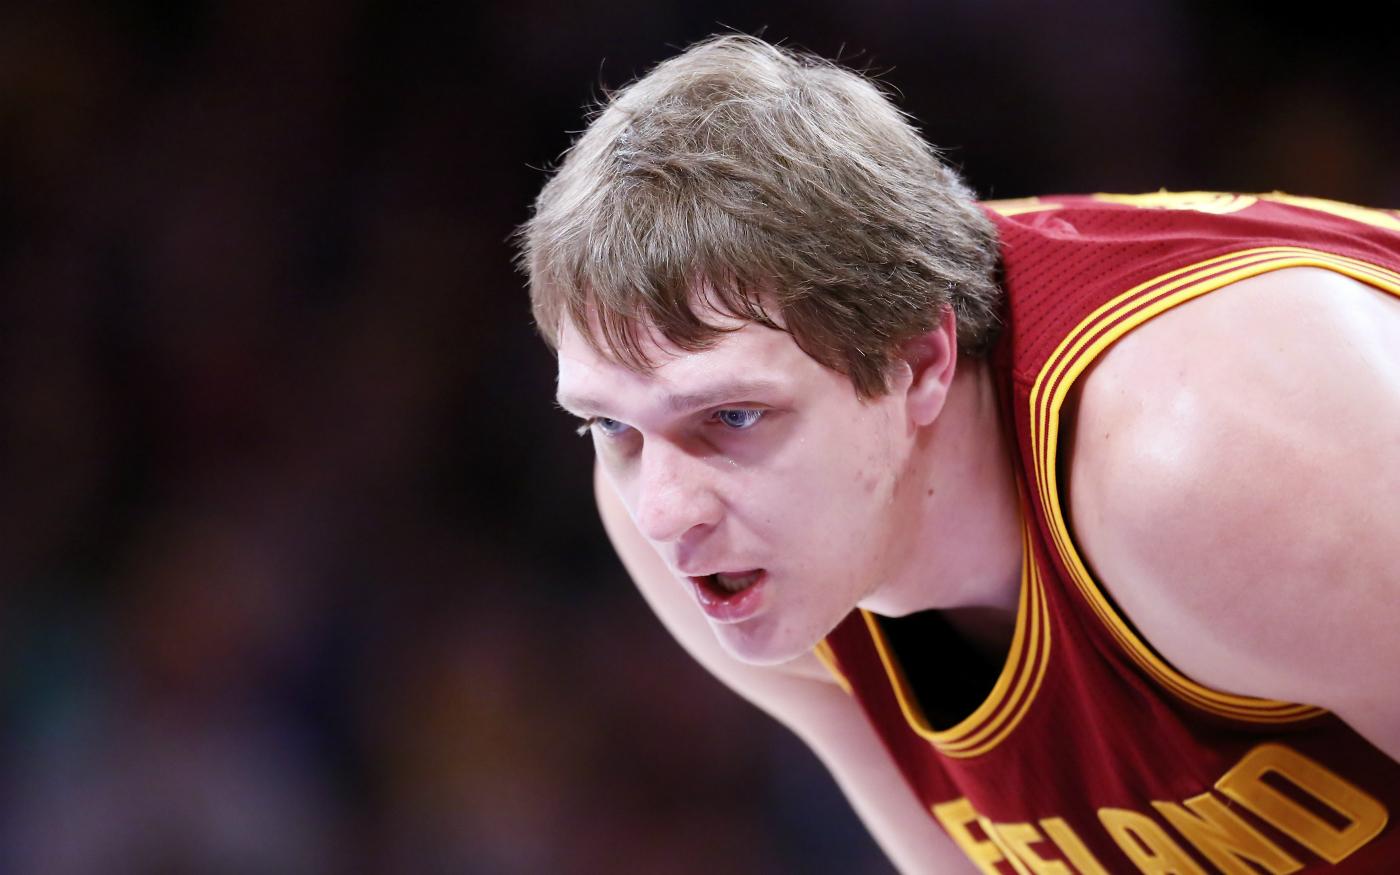 Pourquoi les Lakers ont-ils misé autant sur Timofey Mozgov ?